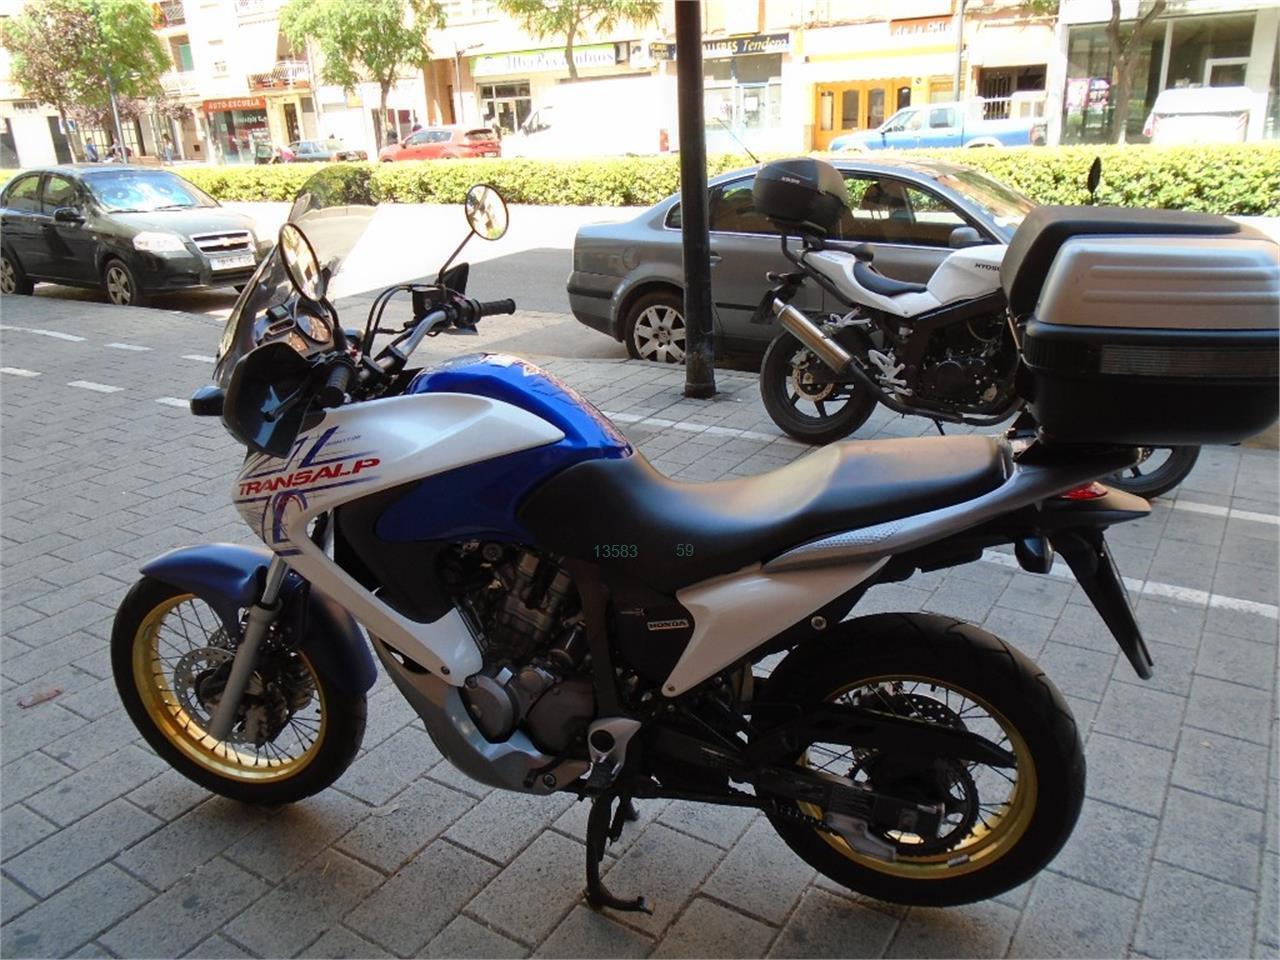 HONDA TRANSALP XL 700 V ABS